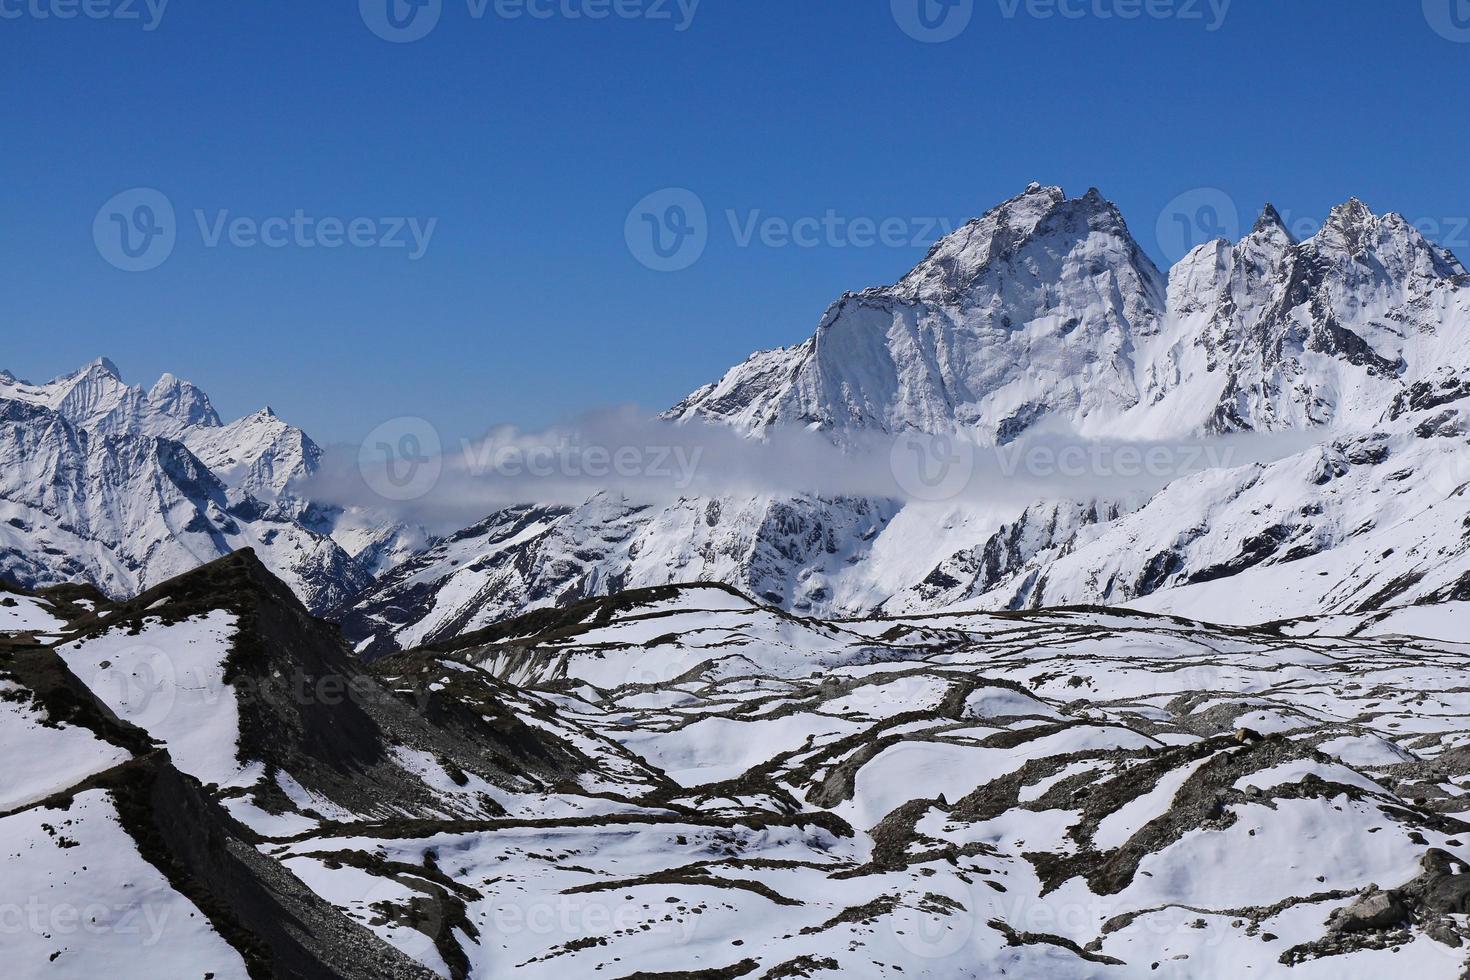 Lower part of the Ngozumba glacier photo